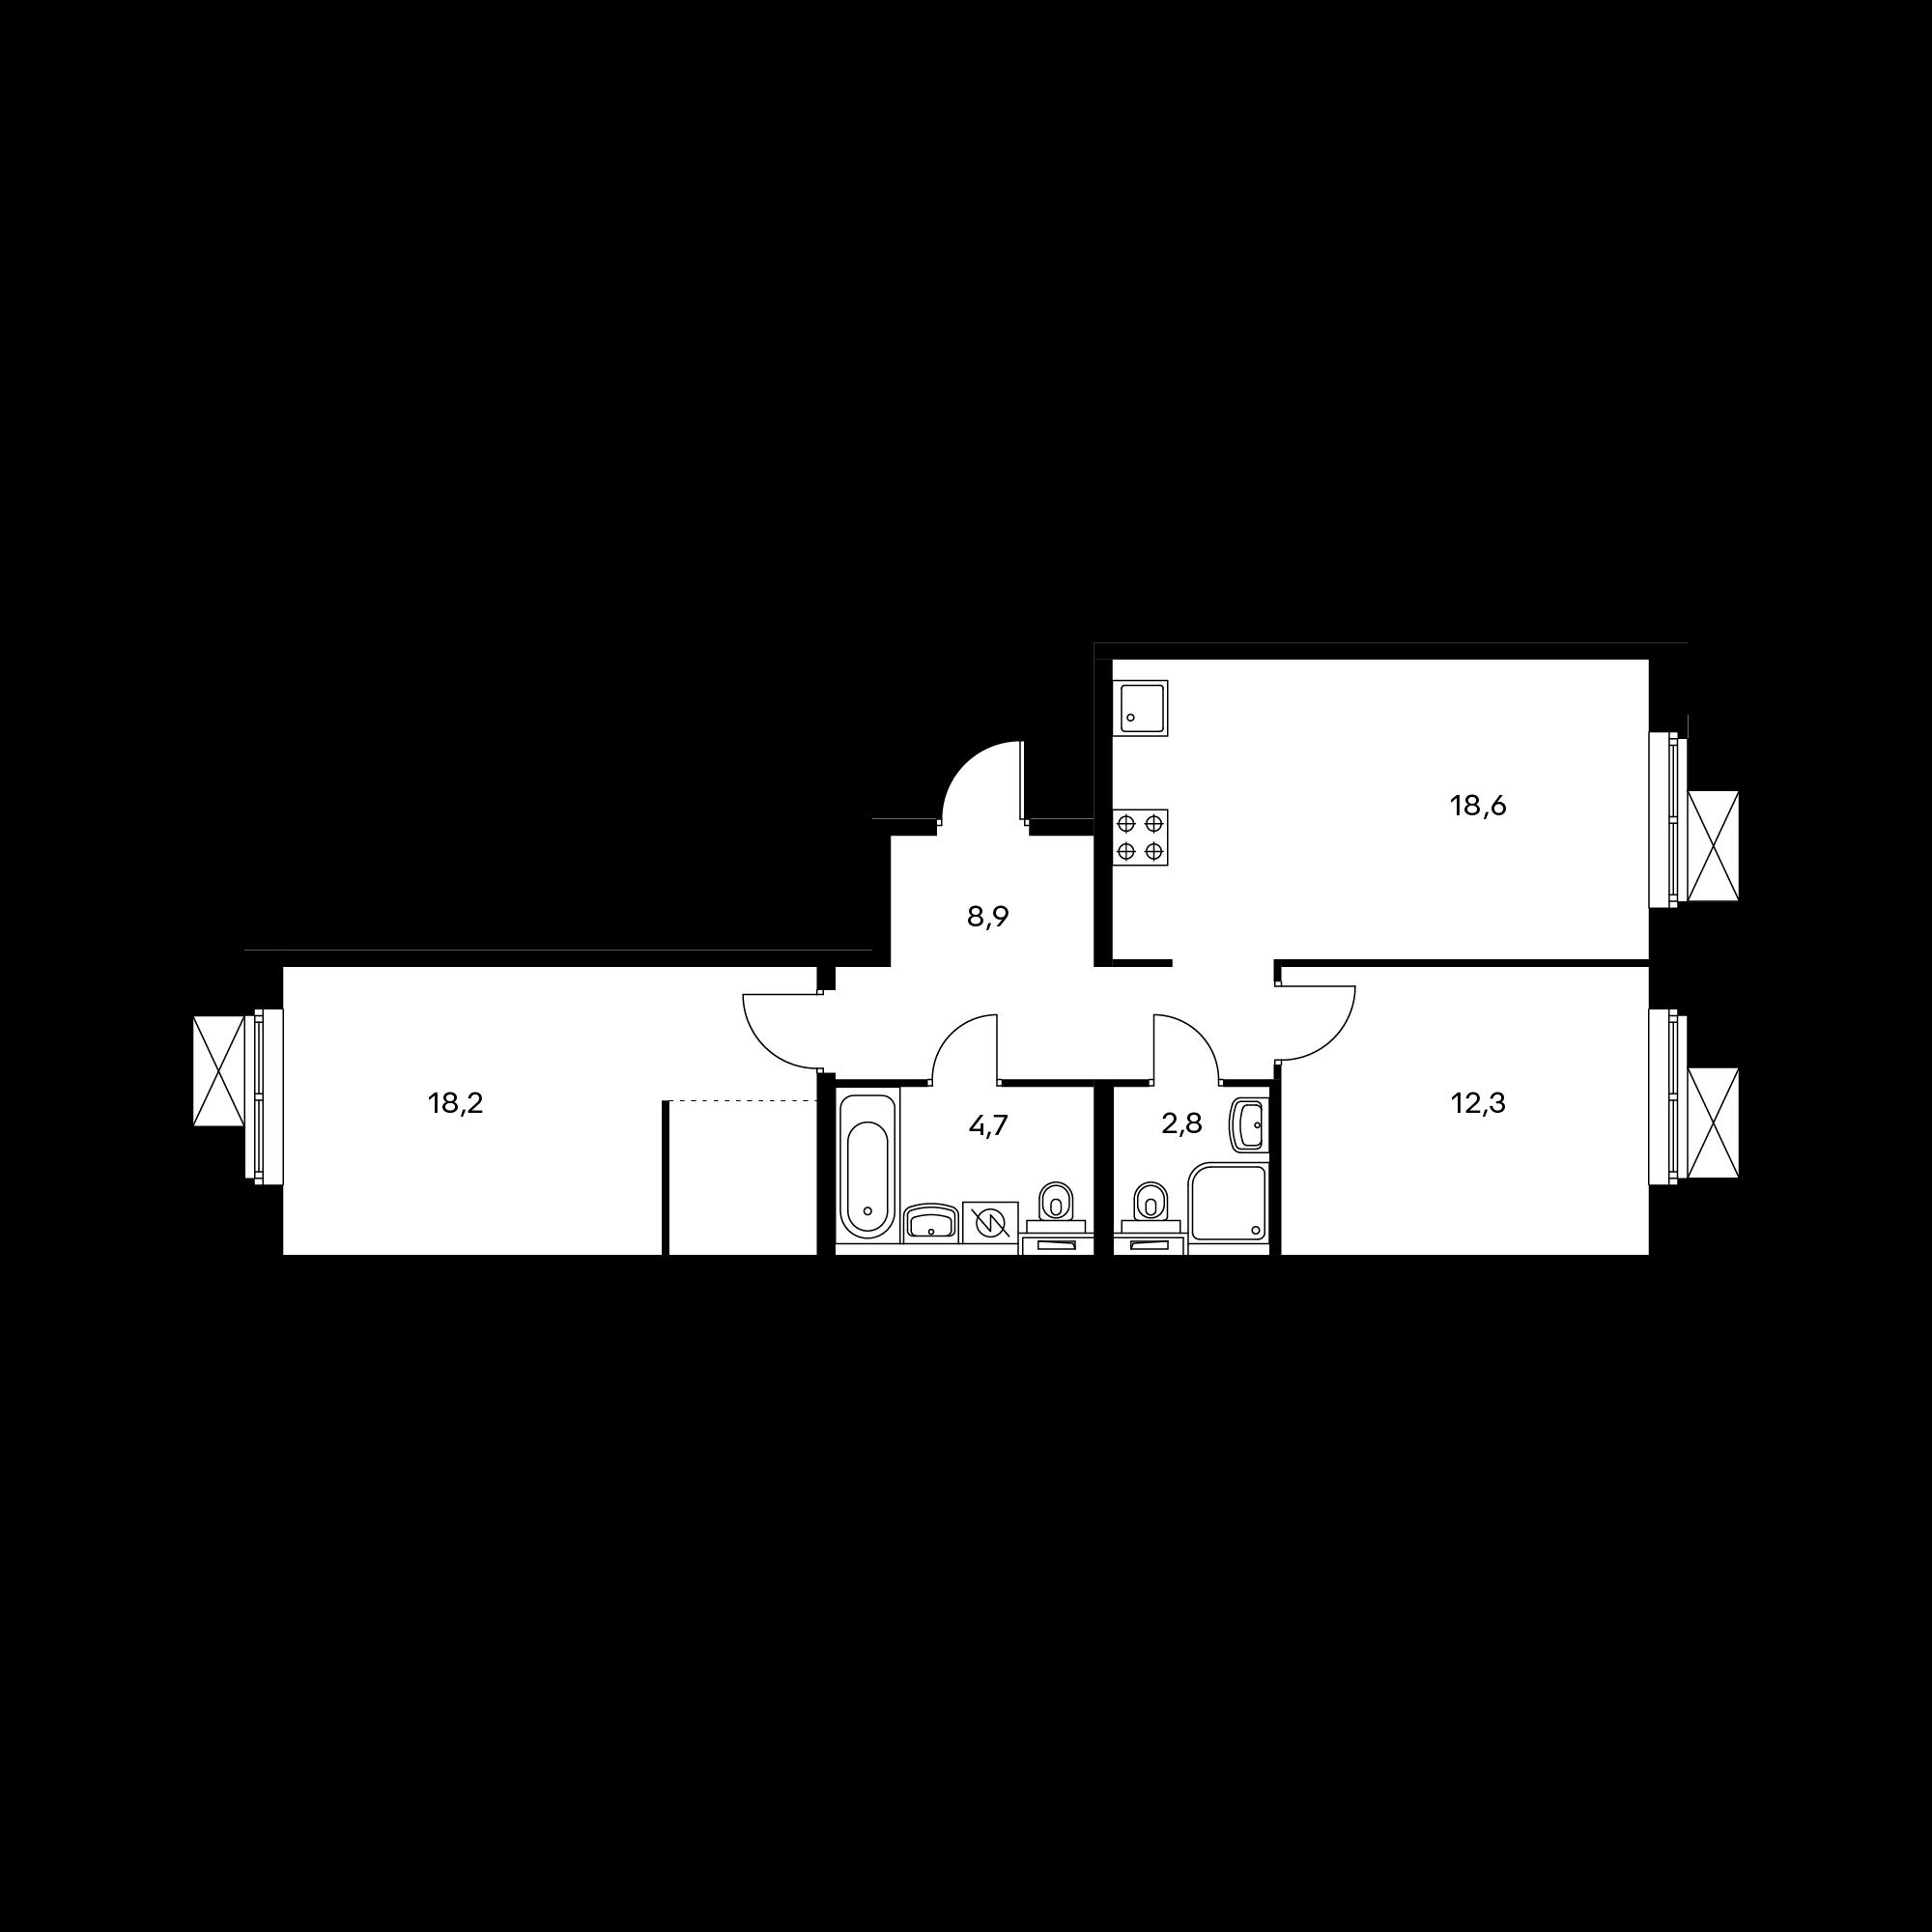 2EL3_6.6-1_S_Z